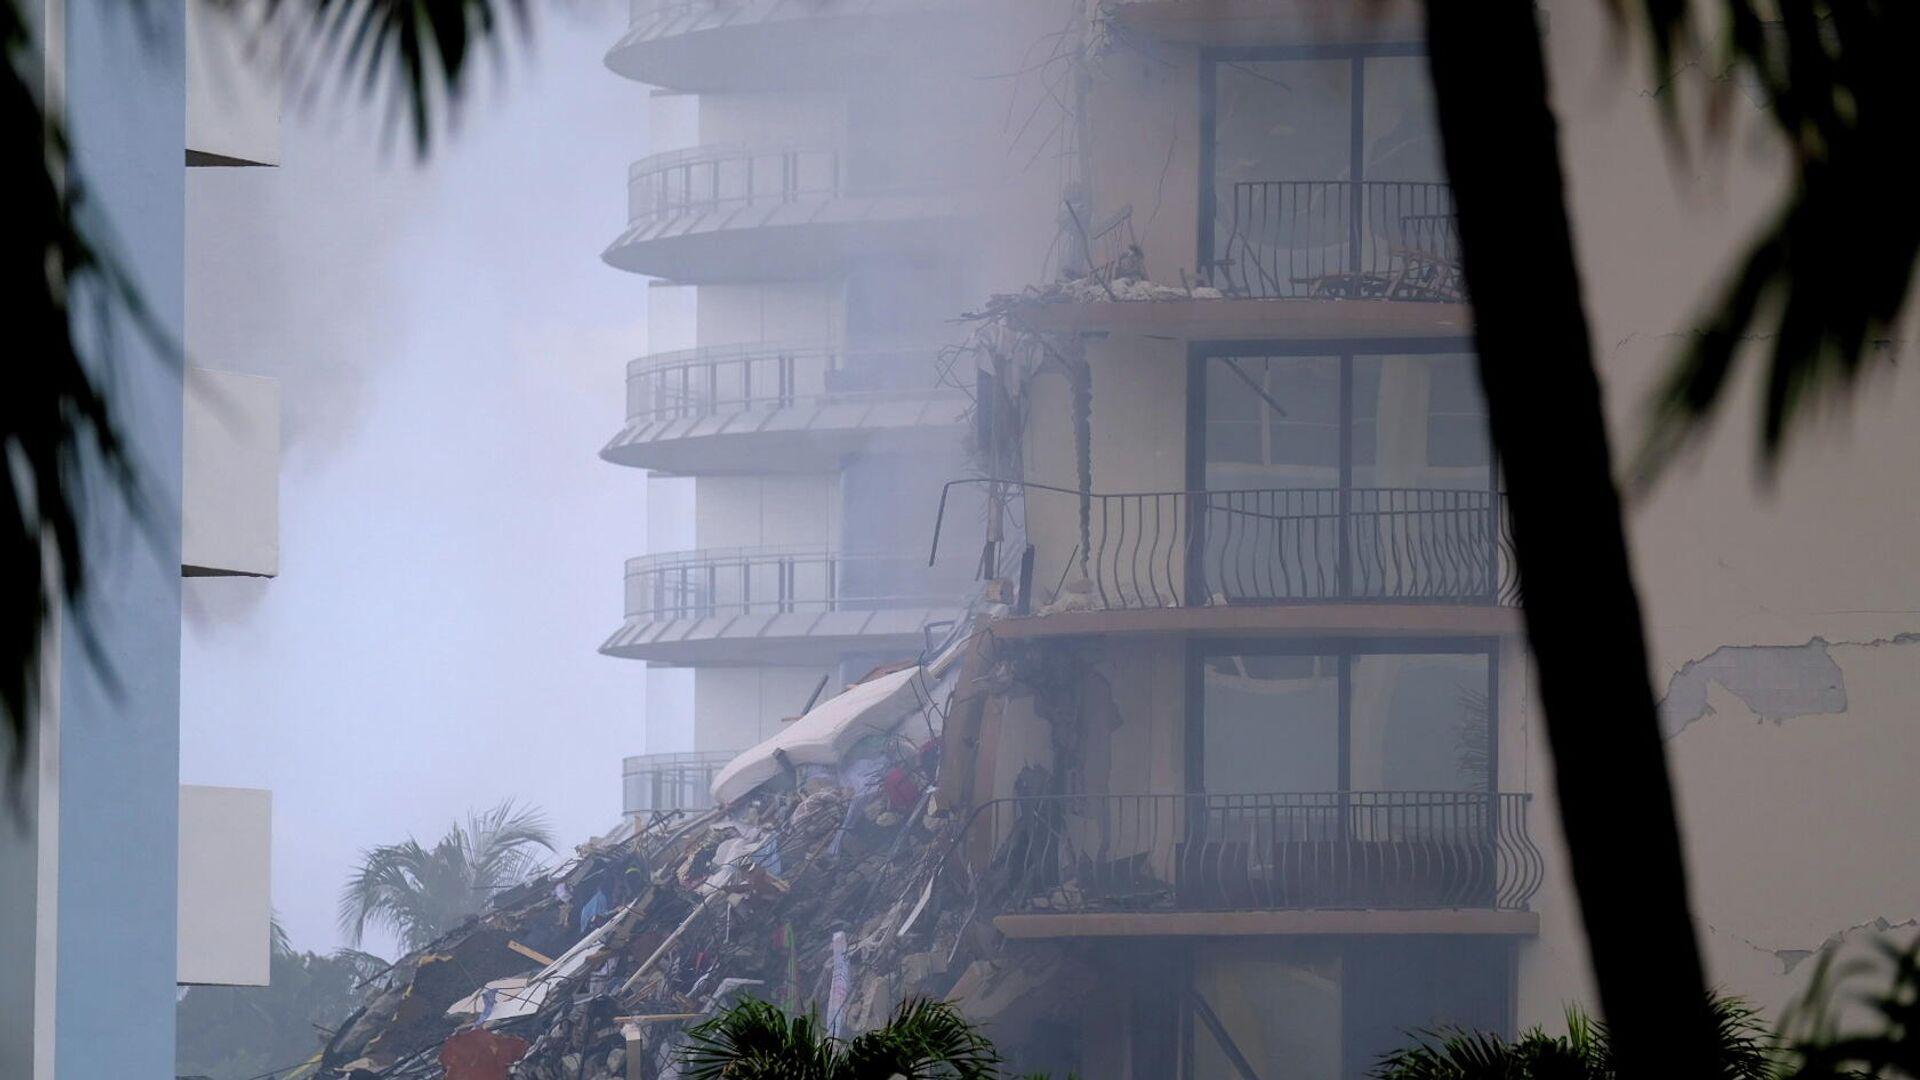 Escombros del edificio derrumbado en Miami, EEUU - Sputnik Mundo, 1920, 10.07.2021